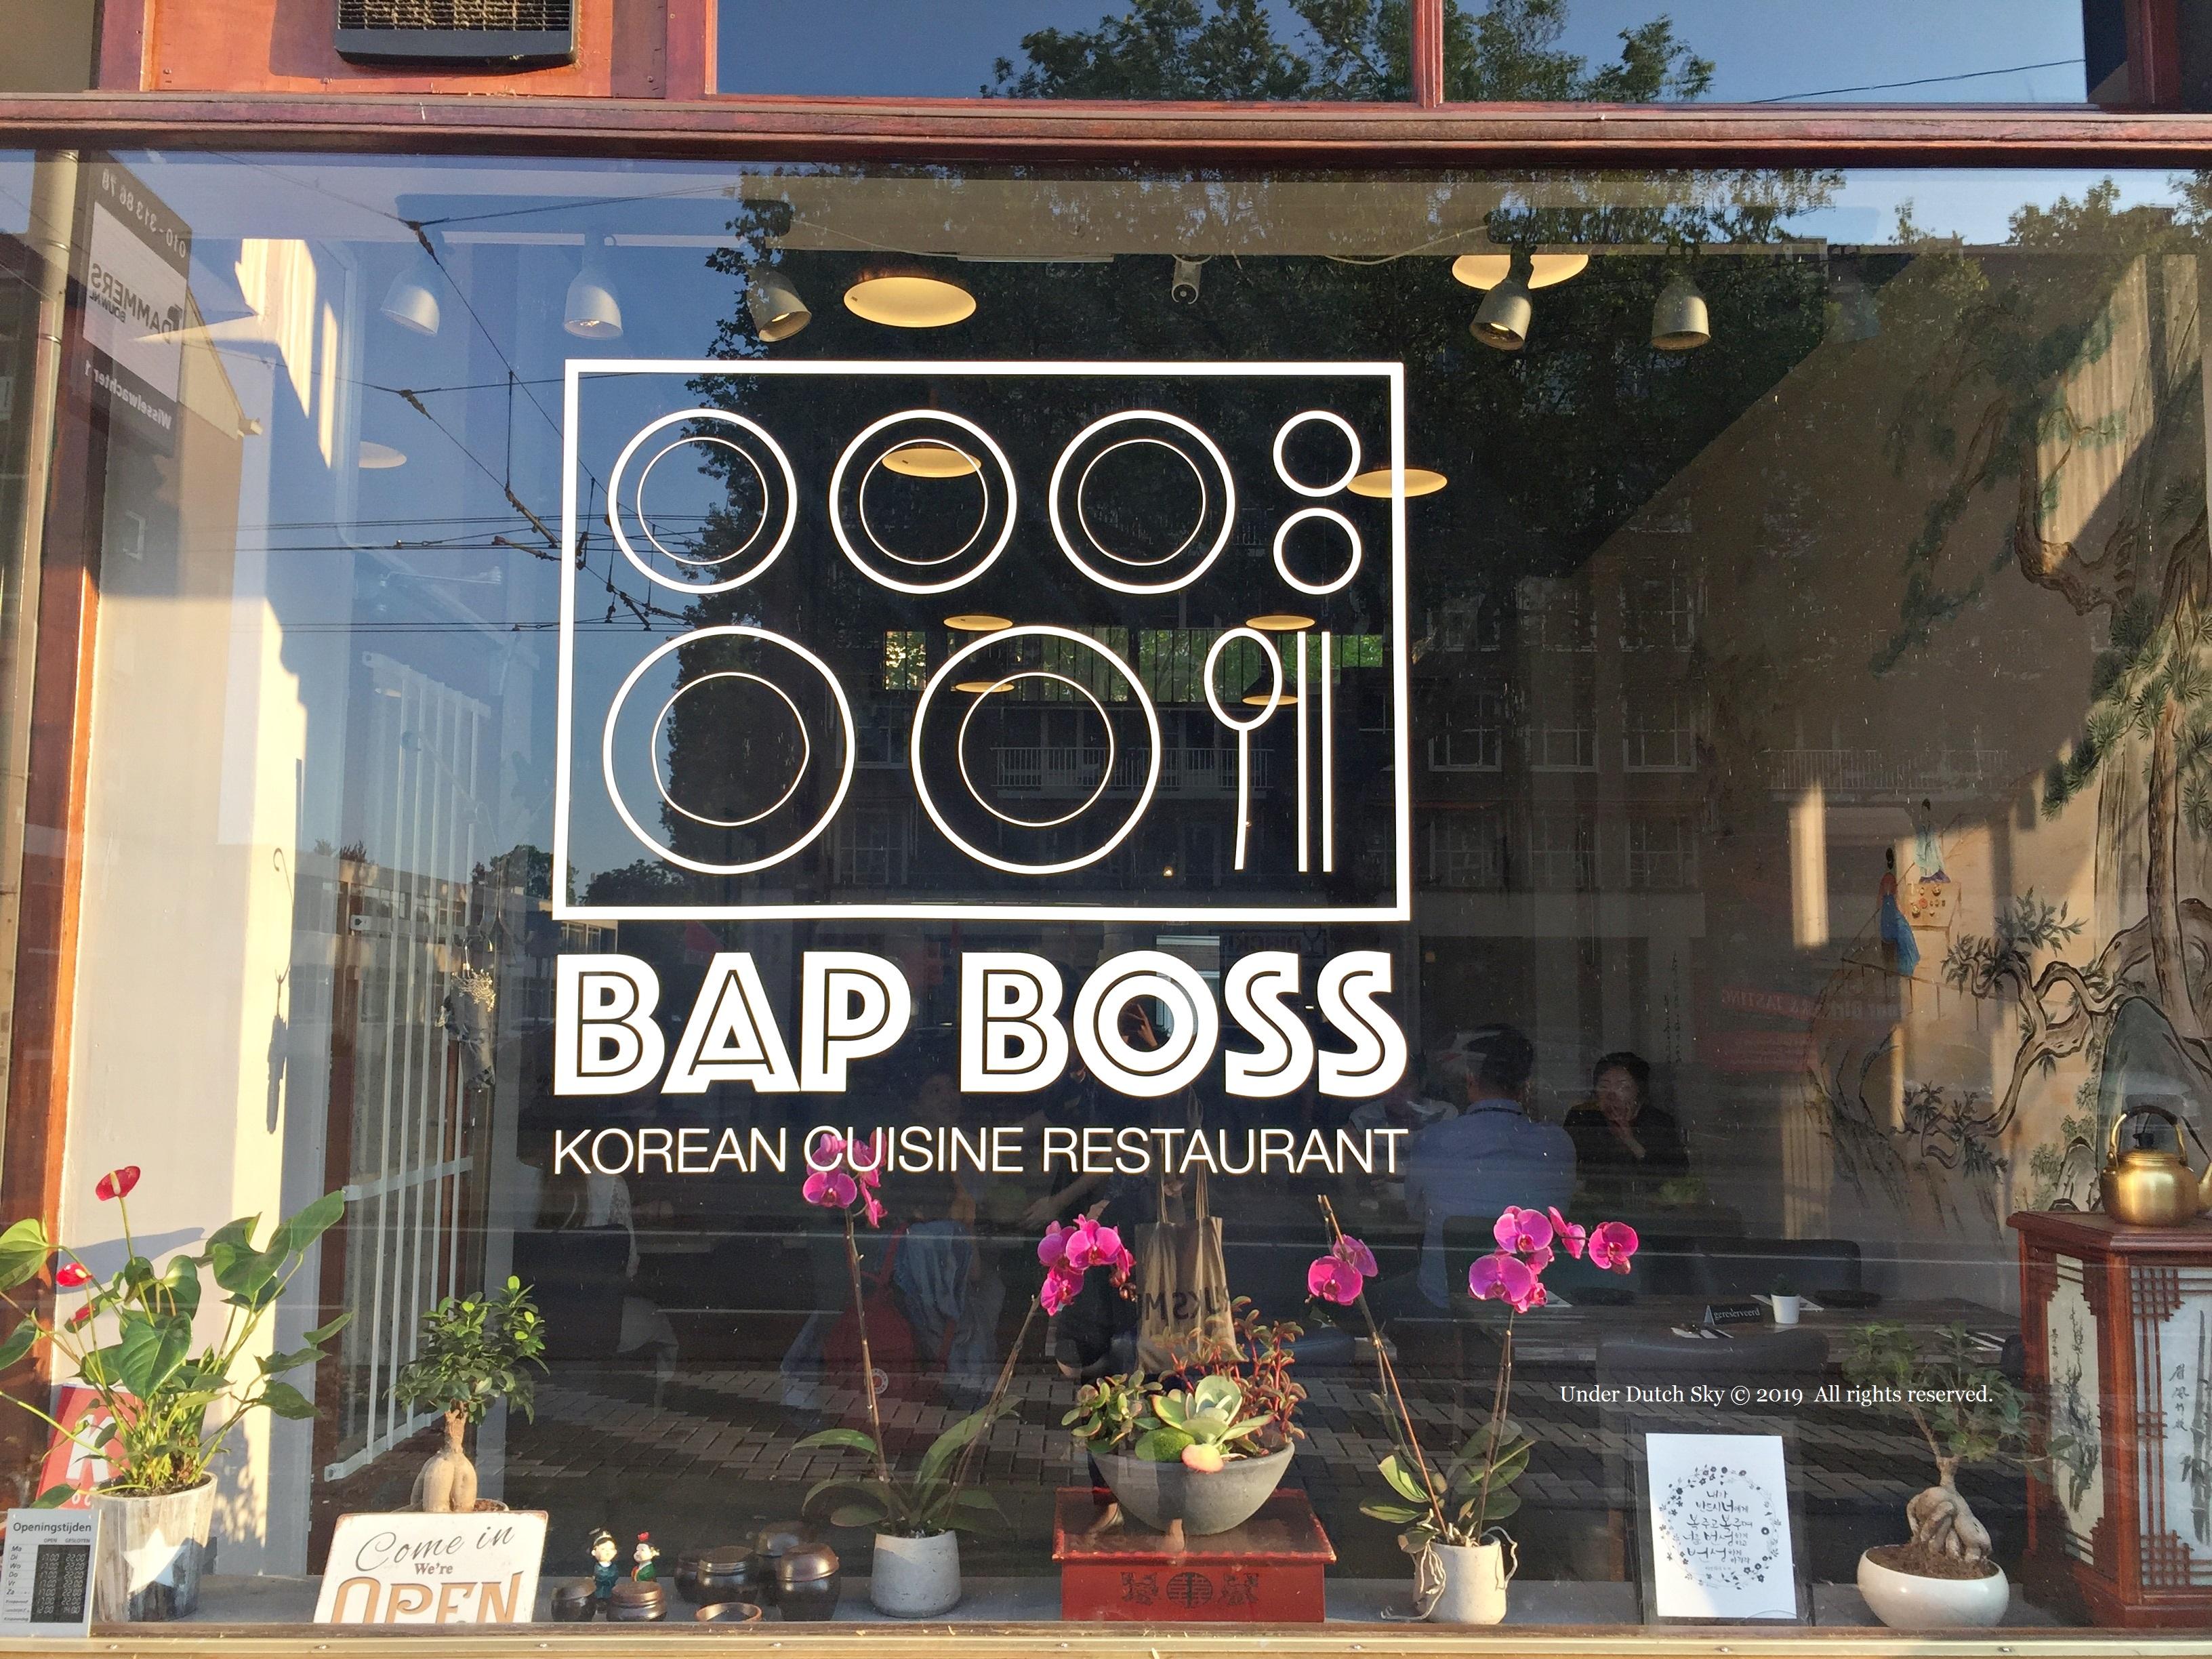 【鹿特丹】正宗韓國料理店推薦: Bap Boss